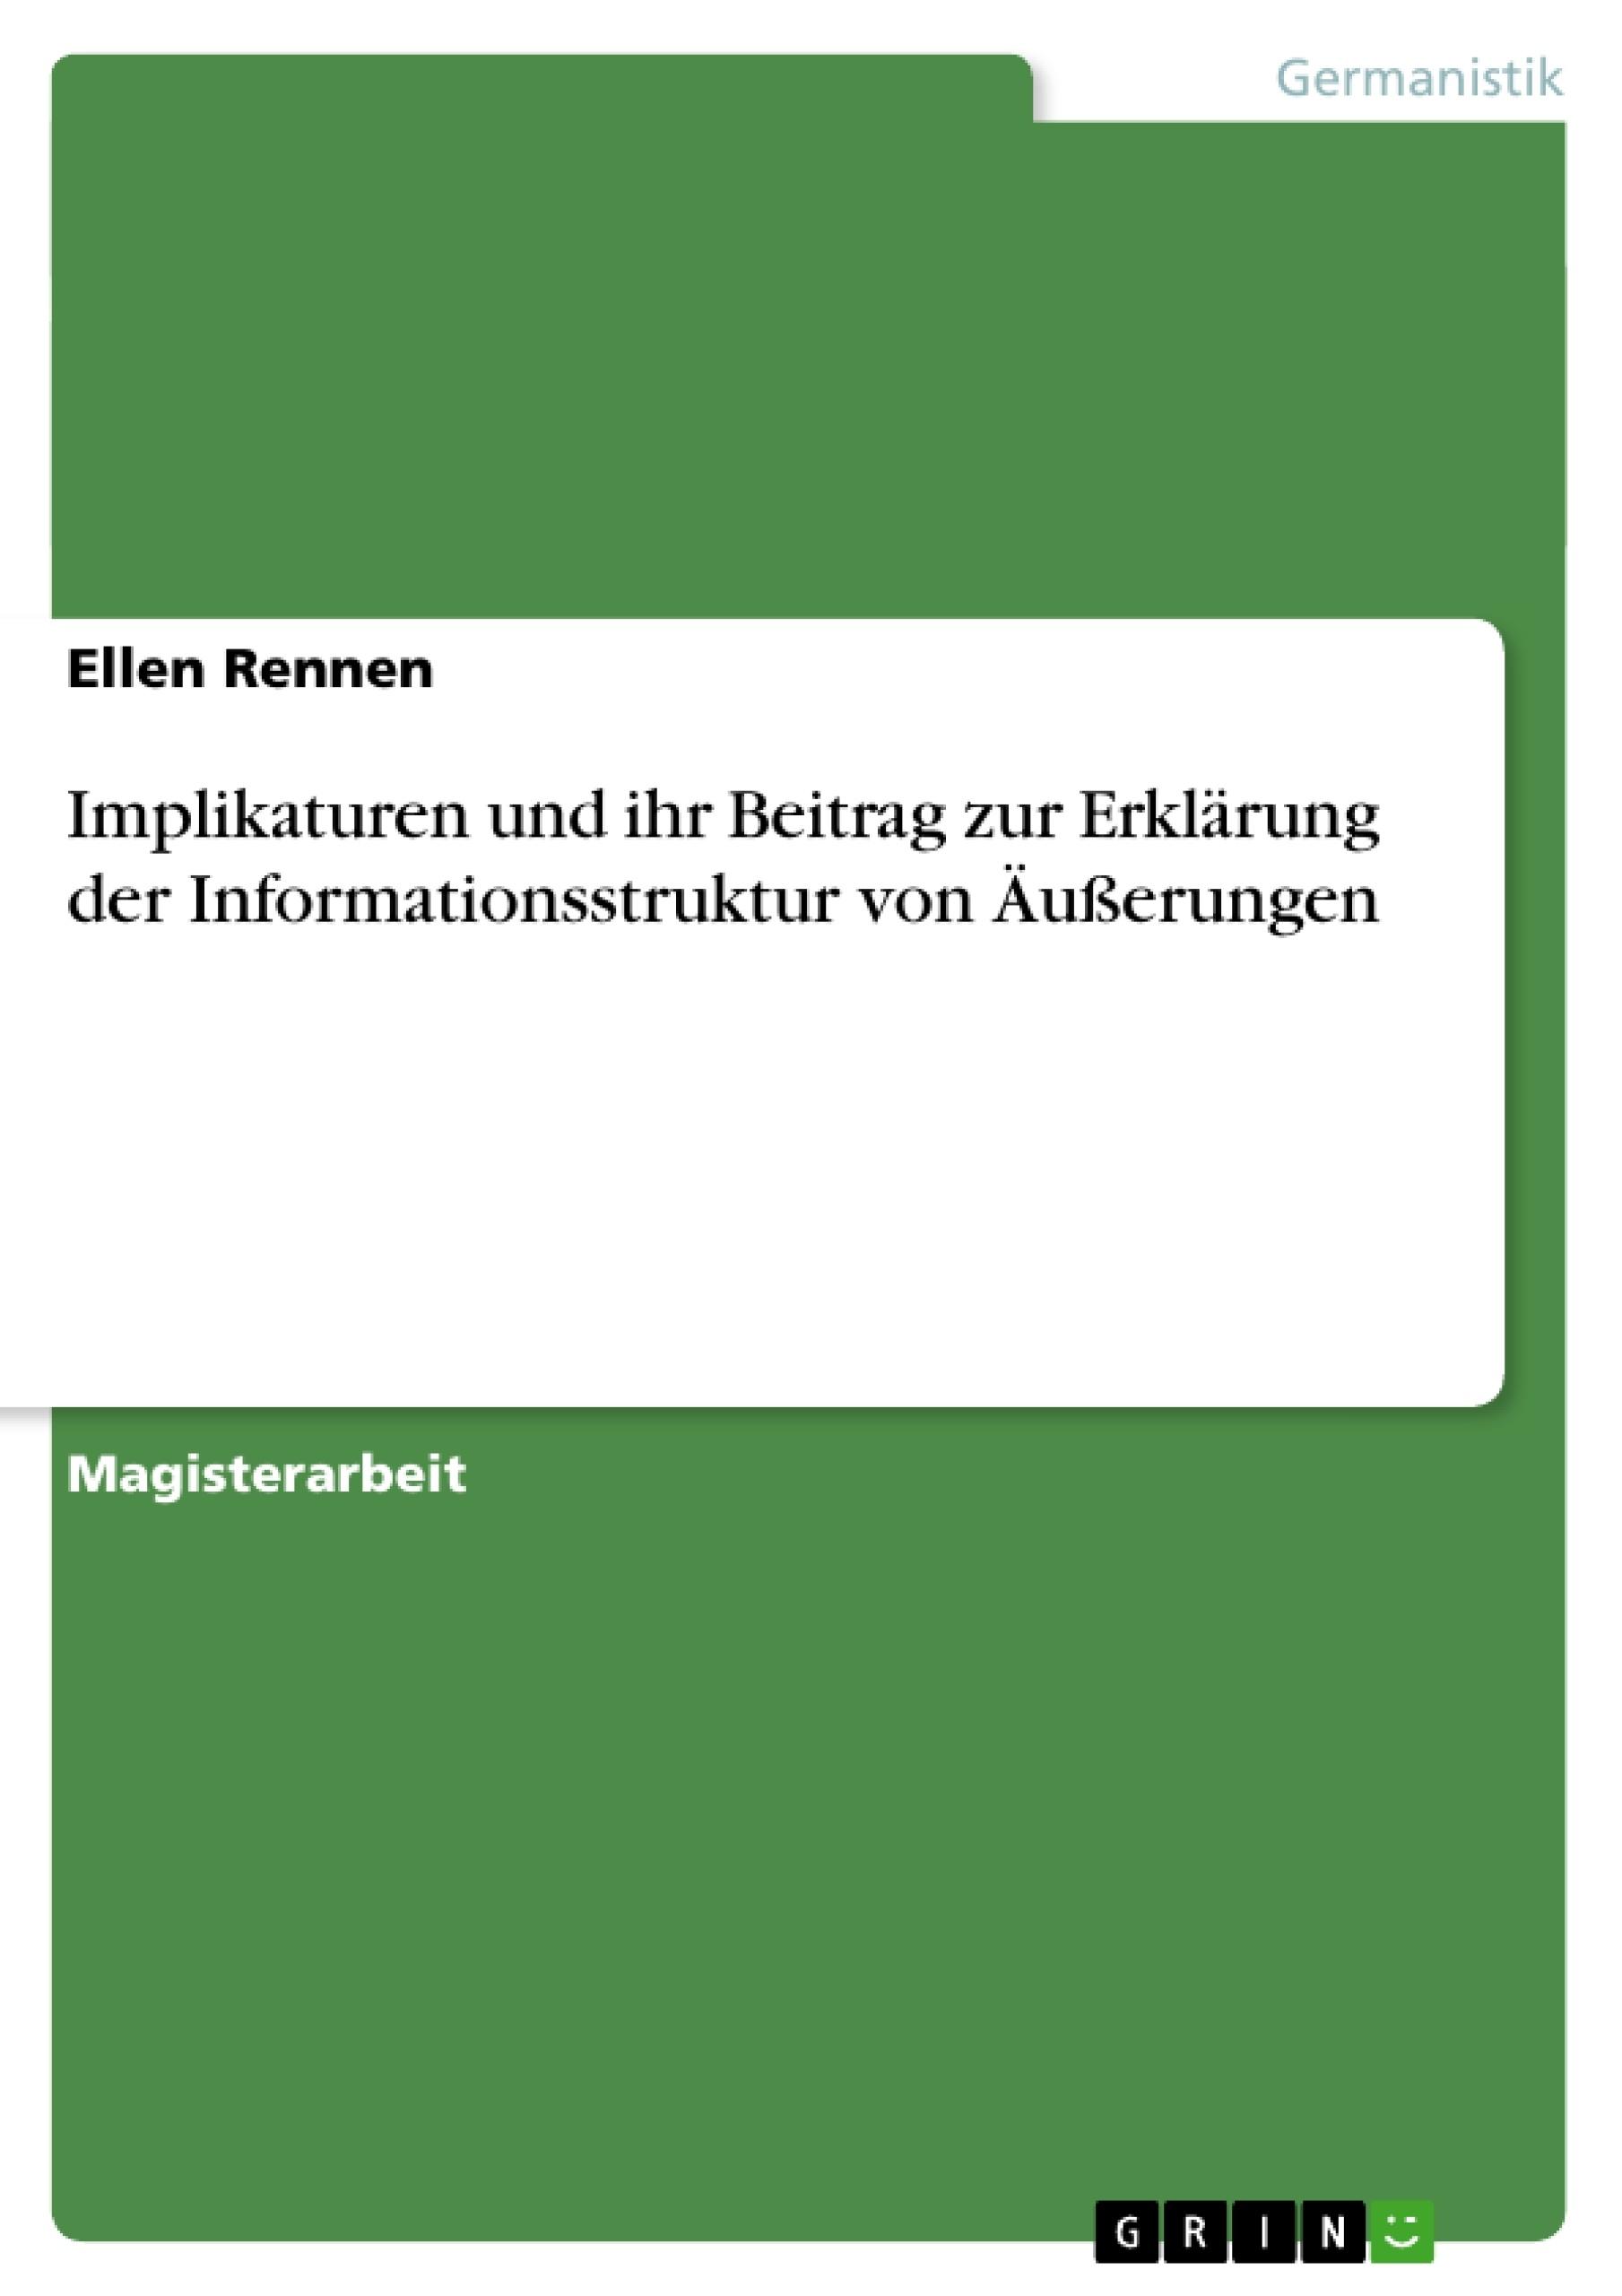 Titel: Implikaturen und ihr Beitrag zur Erklärung der Informationsstruktur von Äußerungen